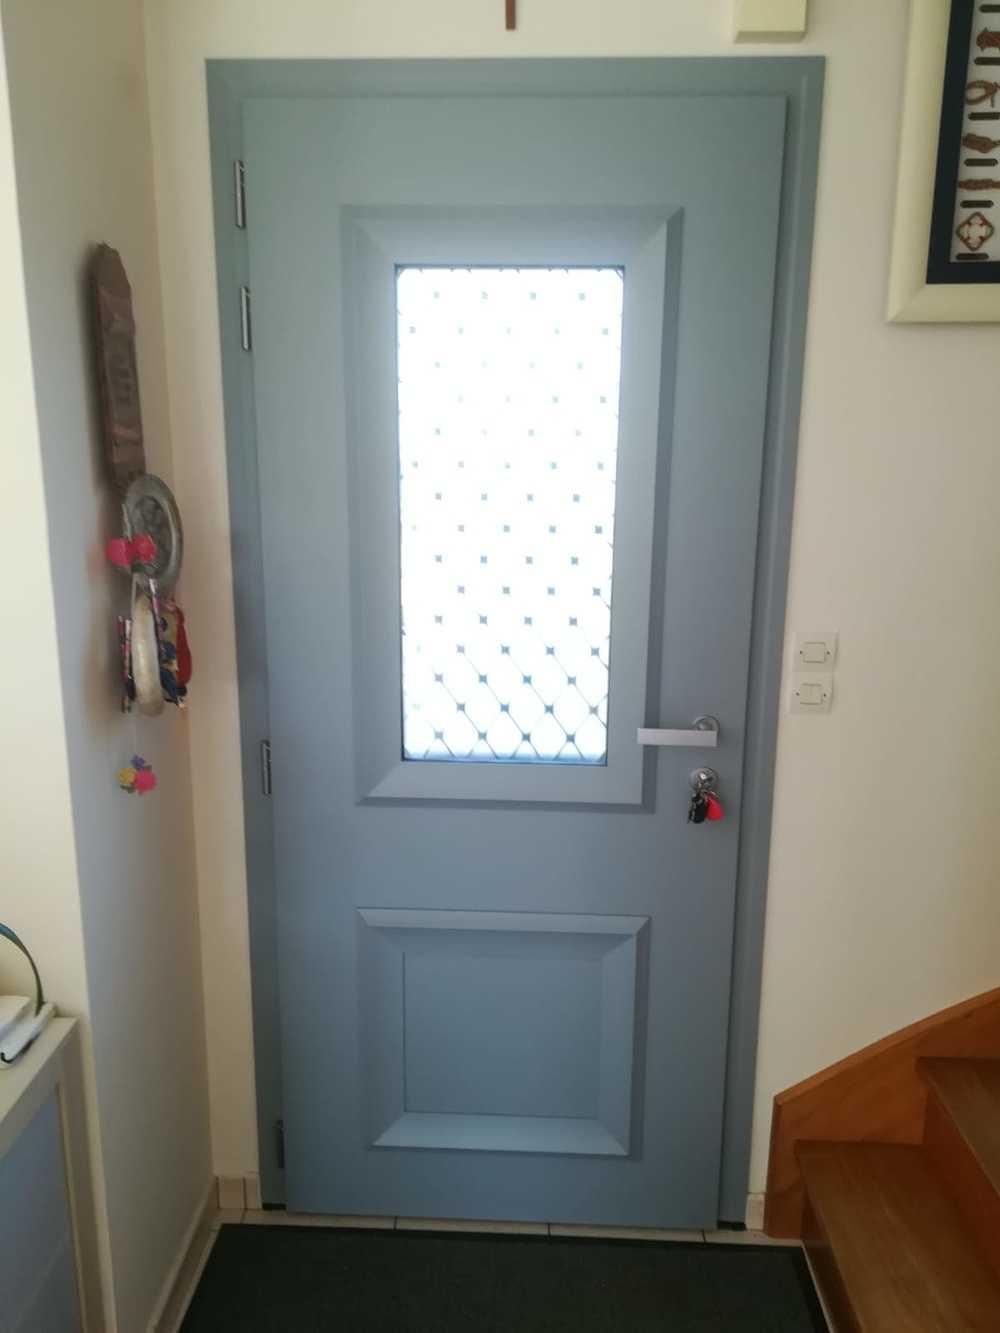 Porte entrée type fermier avec grille fer forgé rétro - Lanvallay ff3f5a69-3cfc-4019-a8c9-e169850f563c